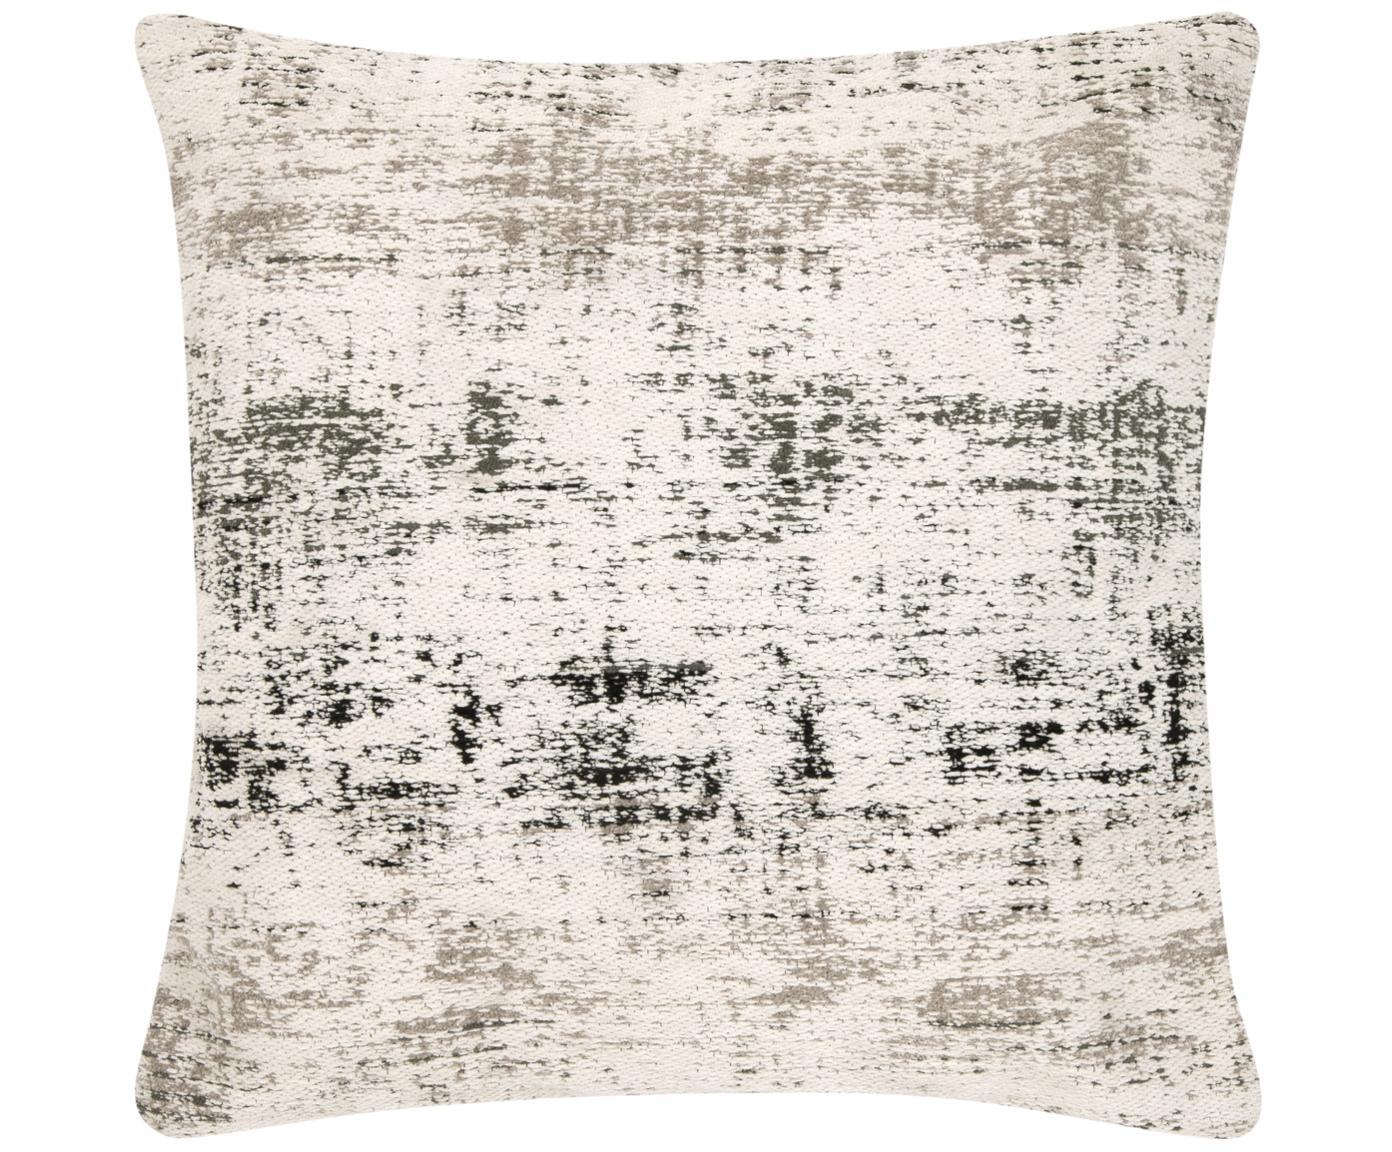 Poszewka na poduszkę Corinne, Kremowy, czarny, szary, S 45 x D 45 cm